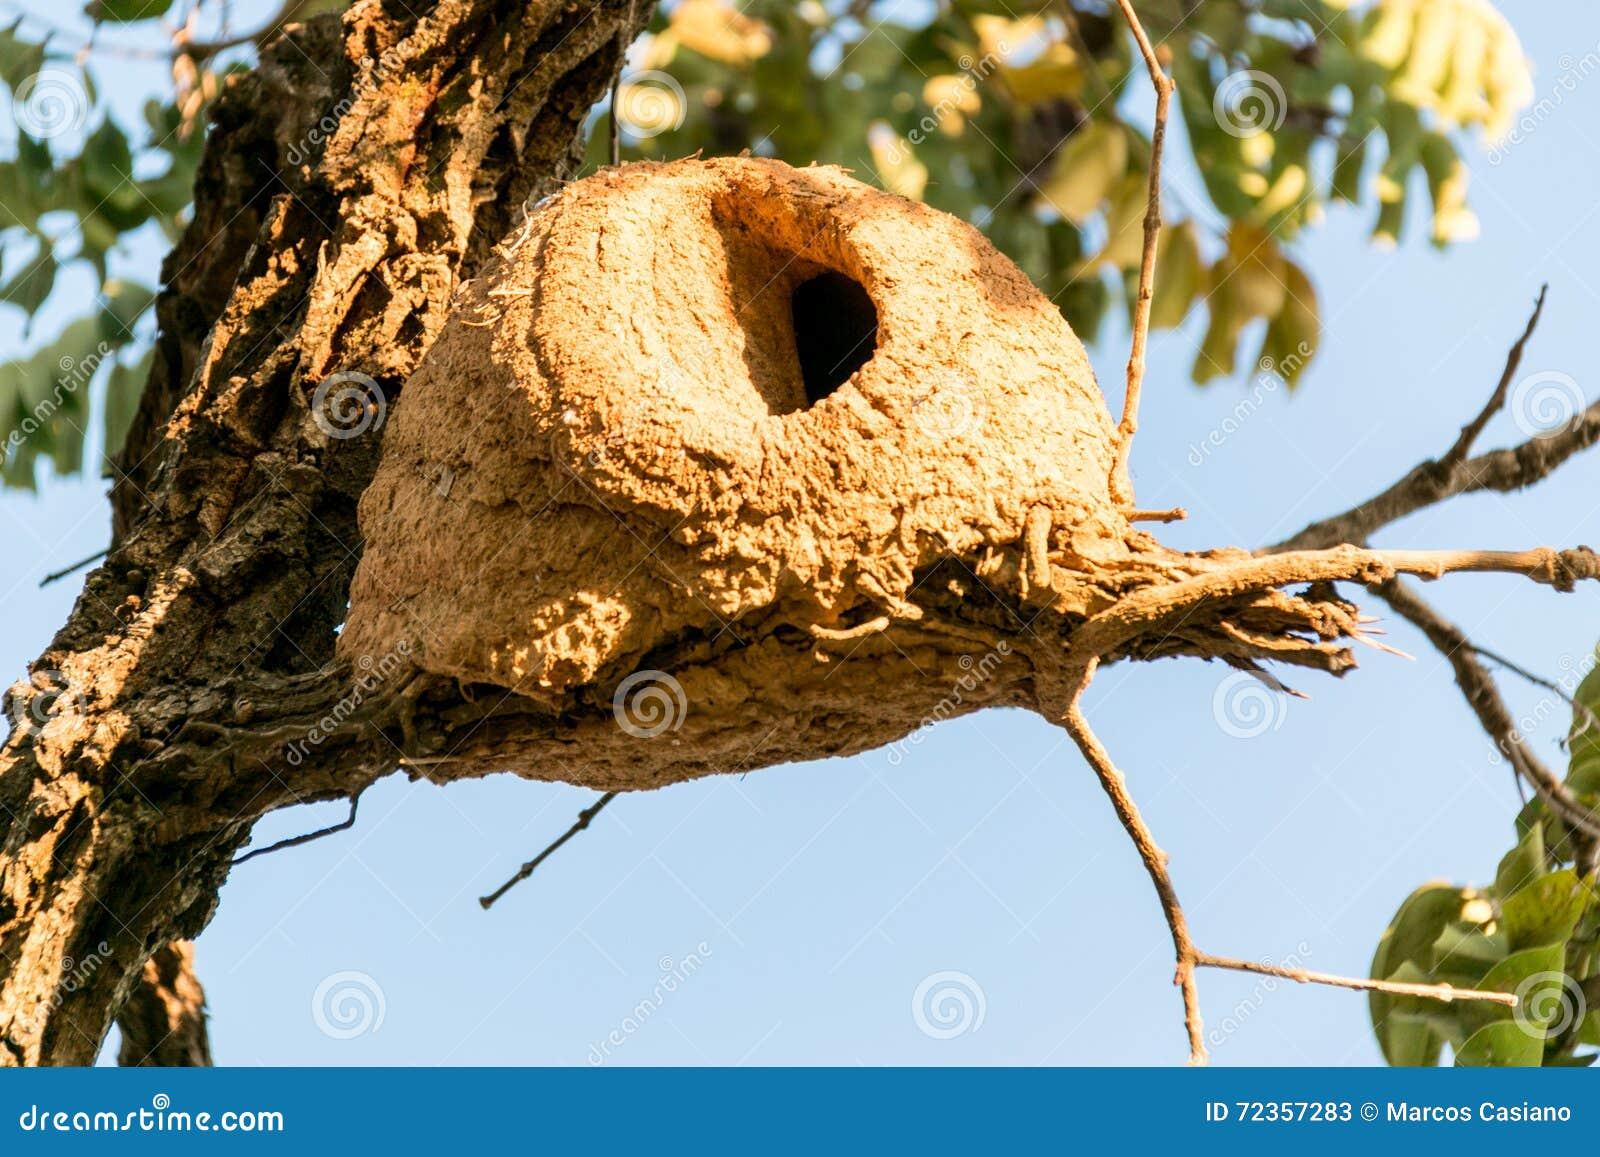 Hornero鸟巢